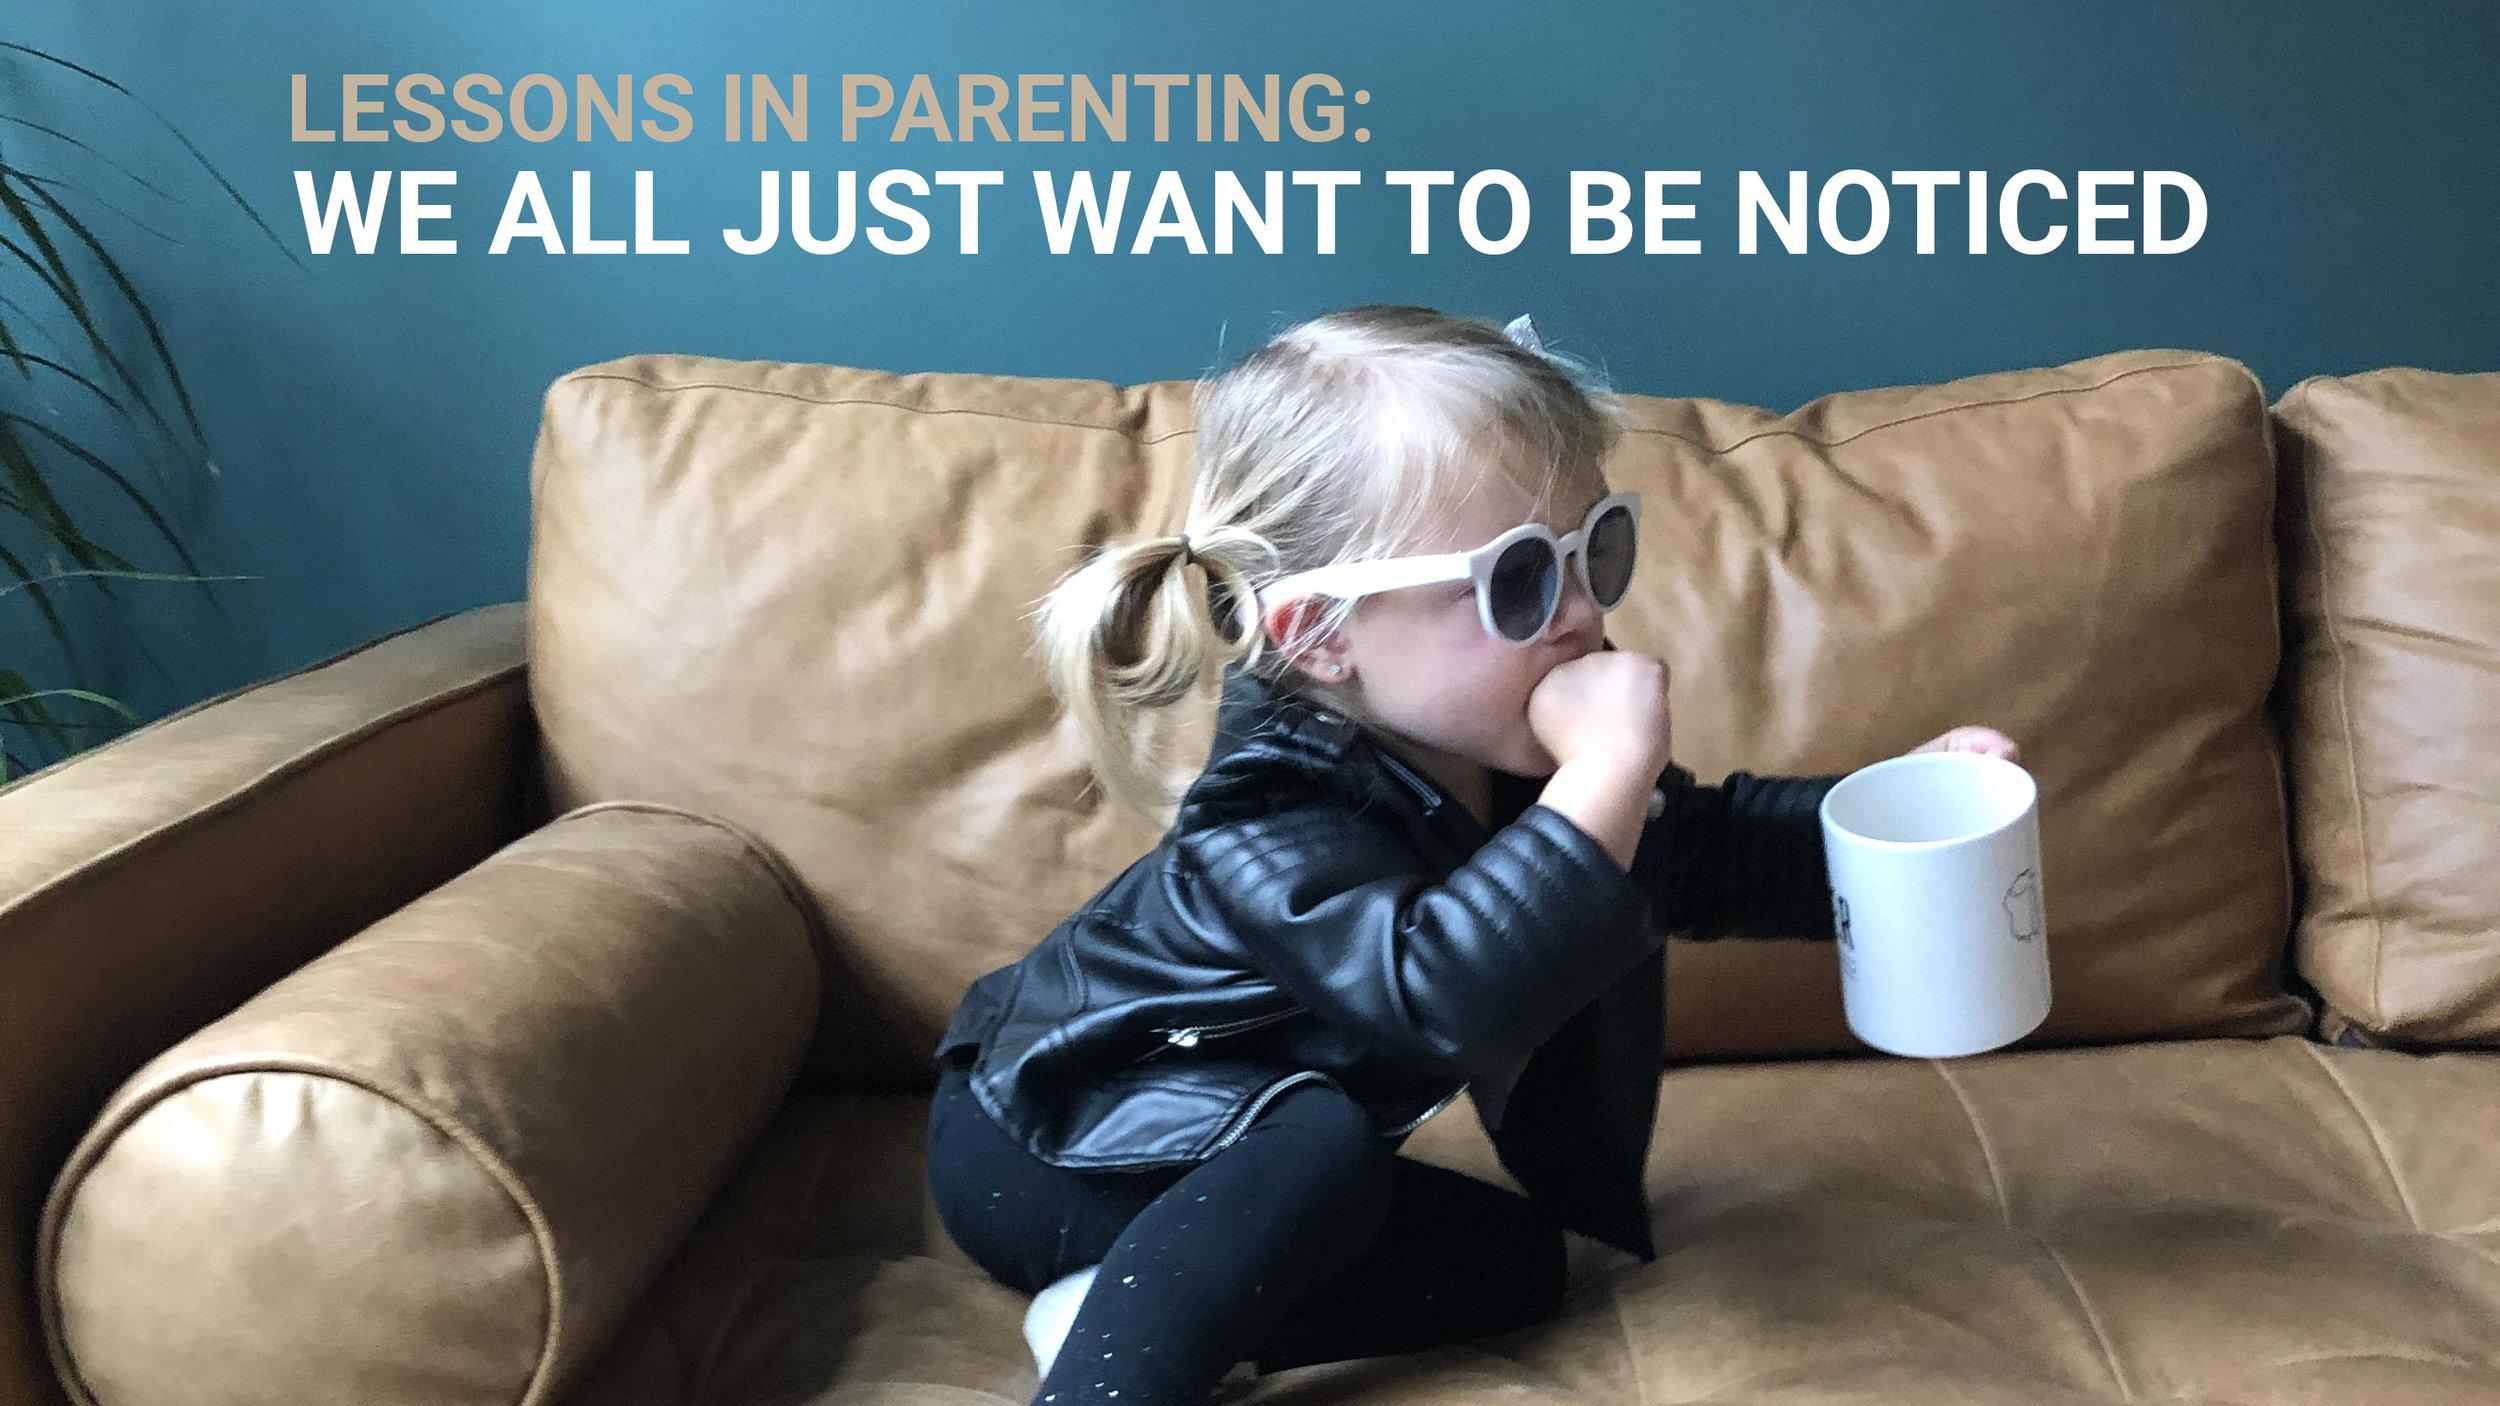 PARENTING LESSON BANNER.jpg